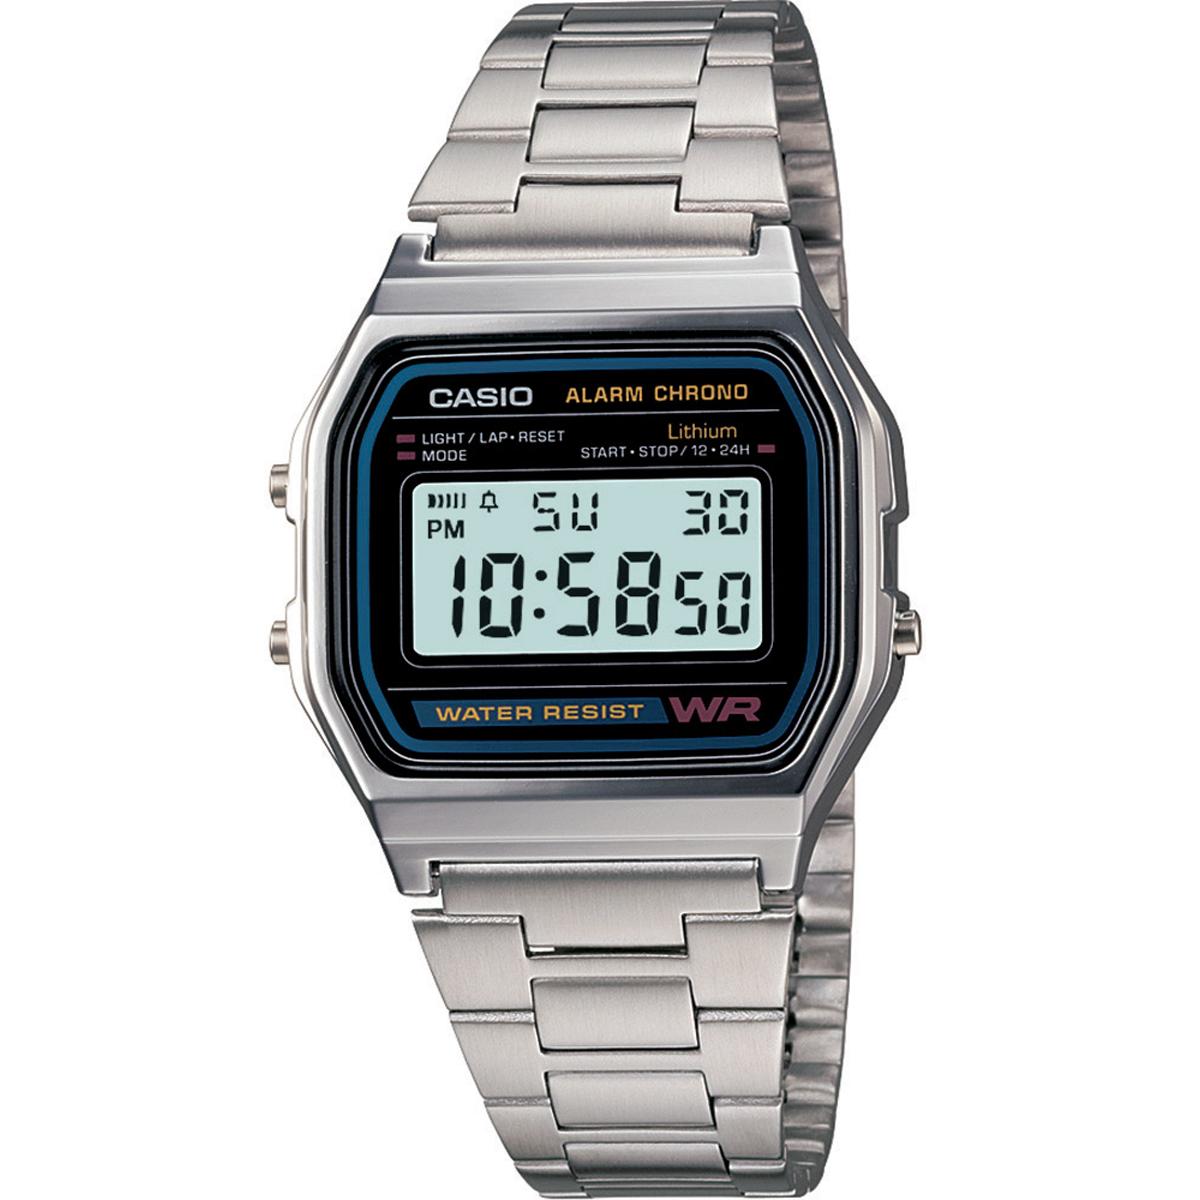 นาฬิกาข้อมือผู้หญิงCasioของแท้ A-158WA-1DF